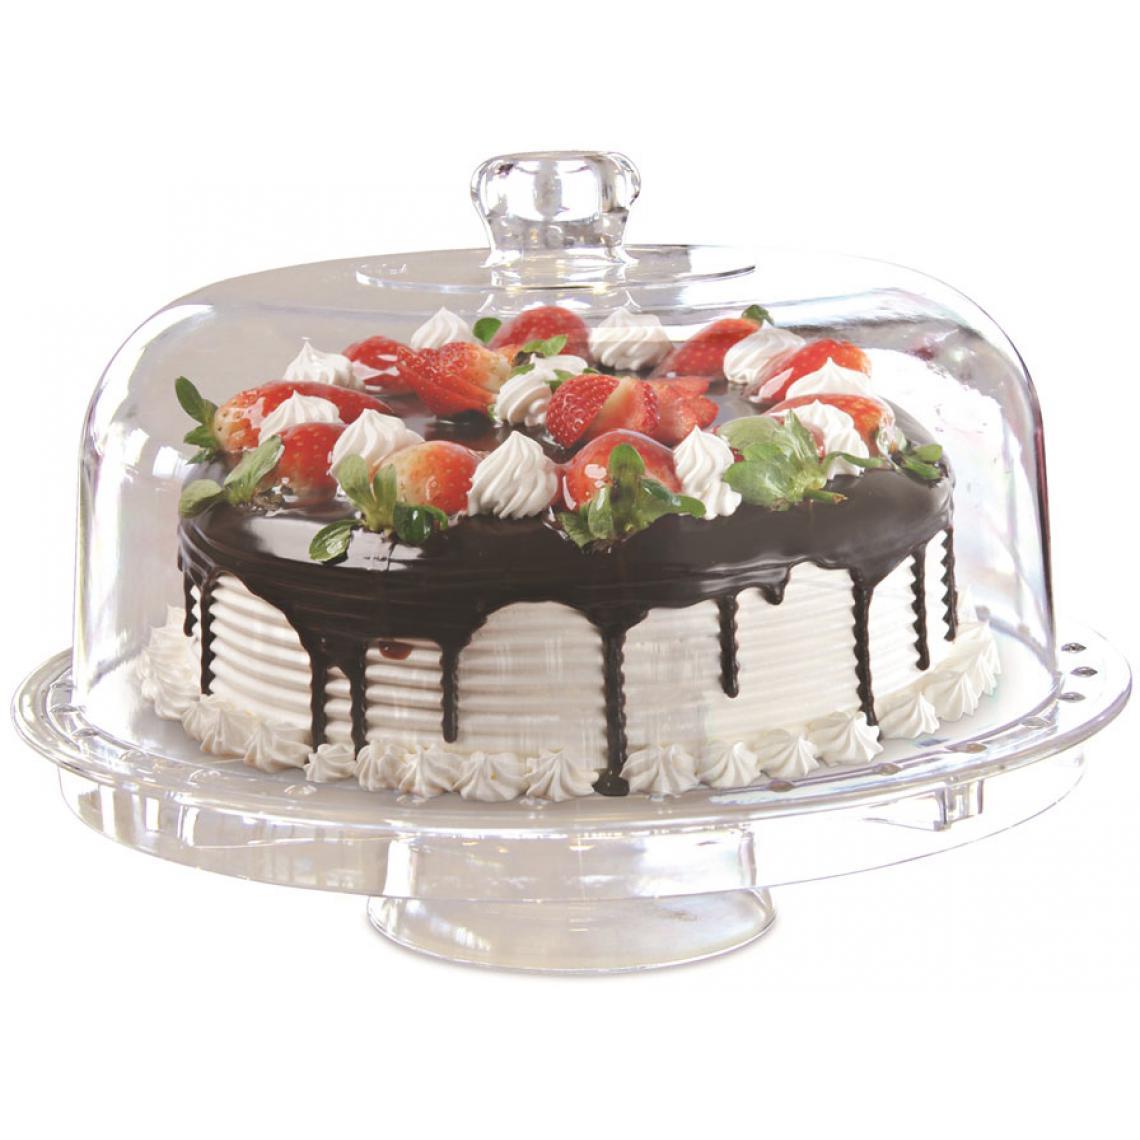 Présentoir à Gâteau 4-en-1 BERTHA